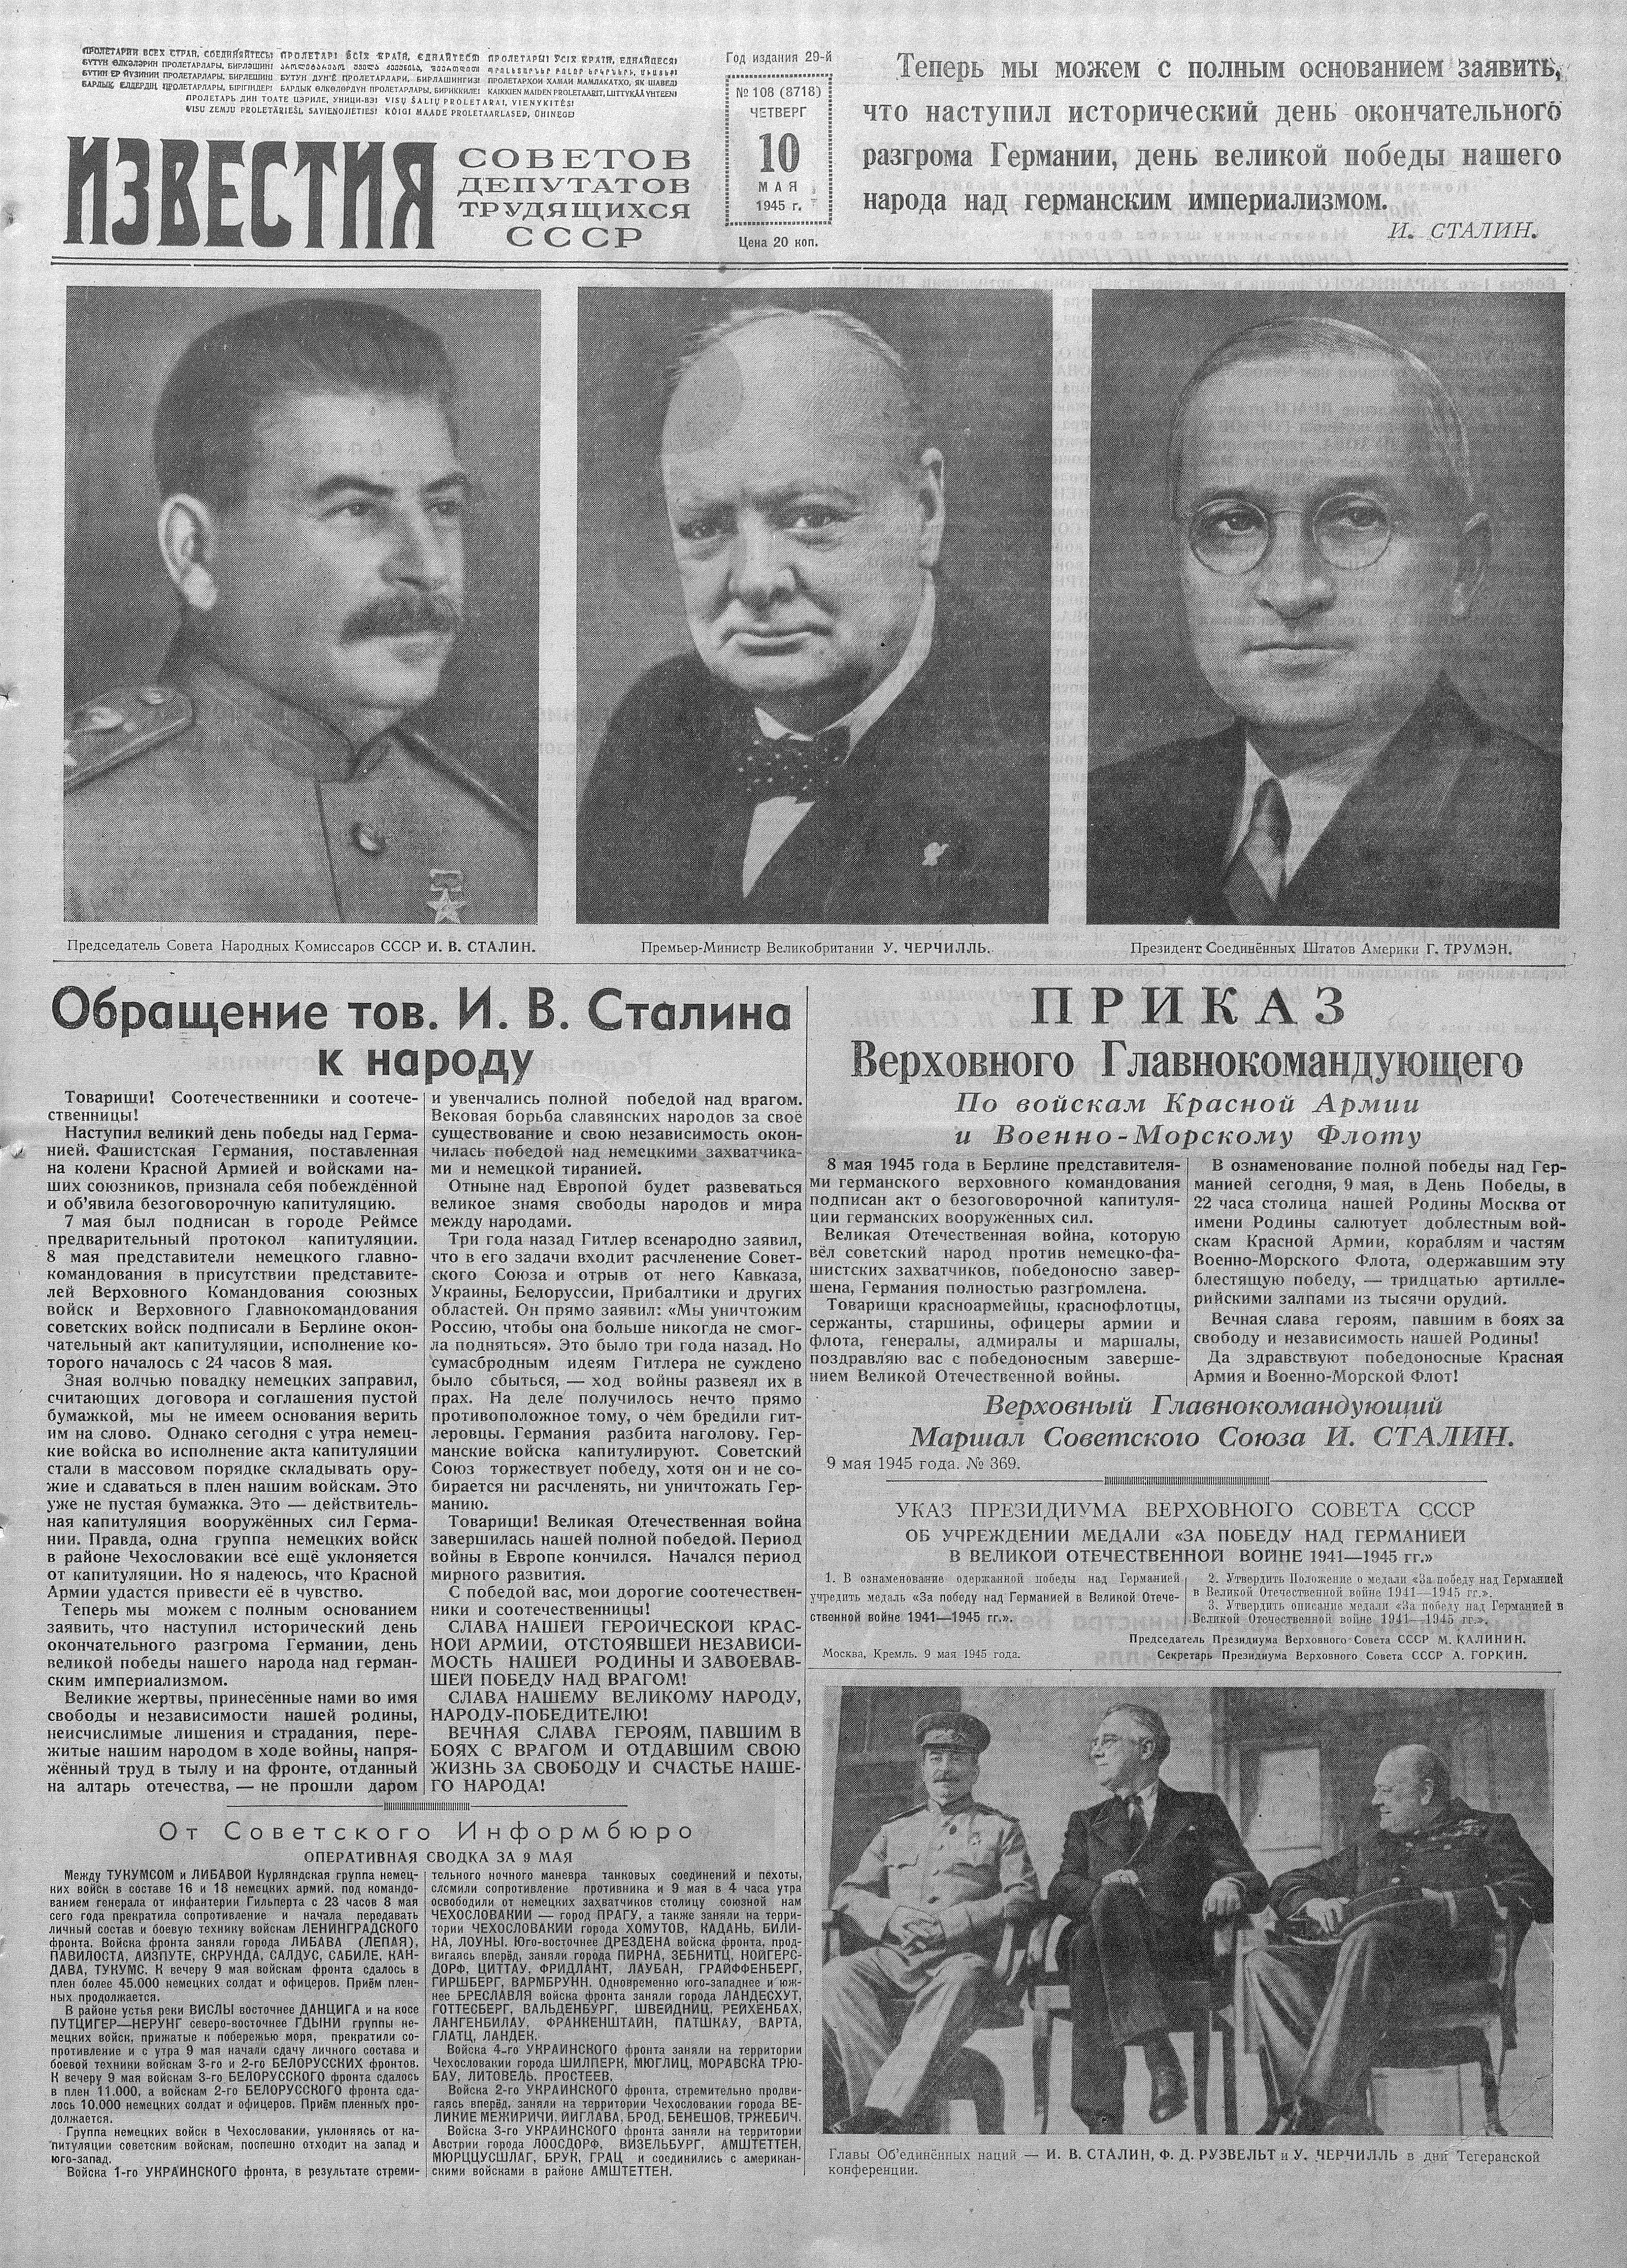 9 мая 1945 в «Известиях»: Он пришел. Он был лучше всех наших мечтаний